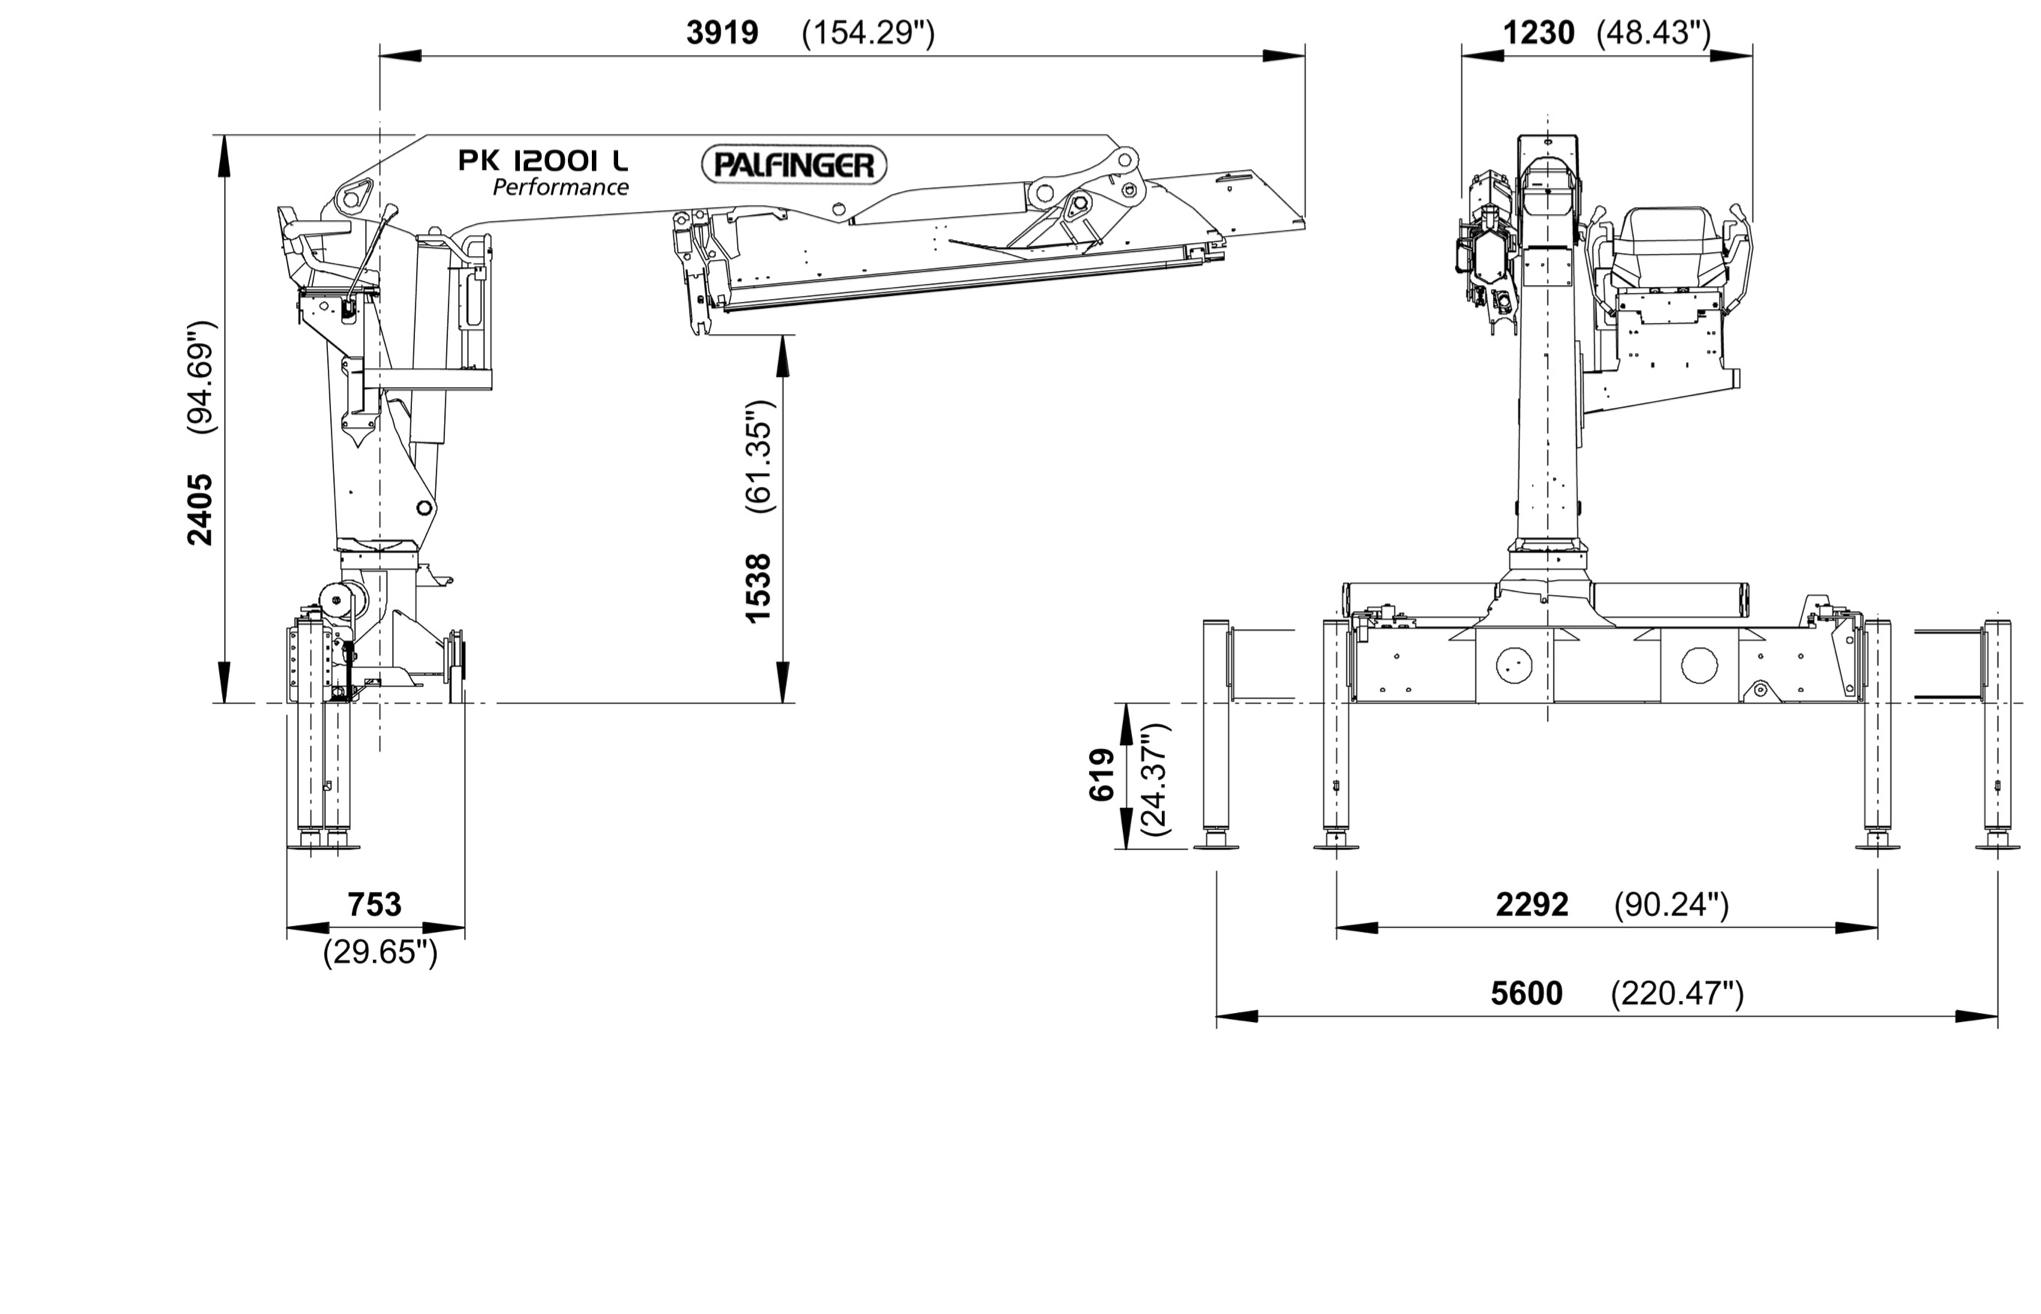 PK 12001 L Performance | PALFINGER